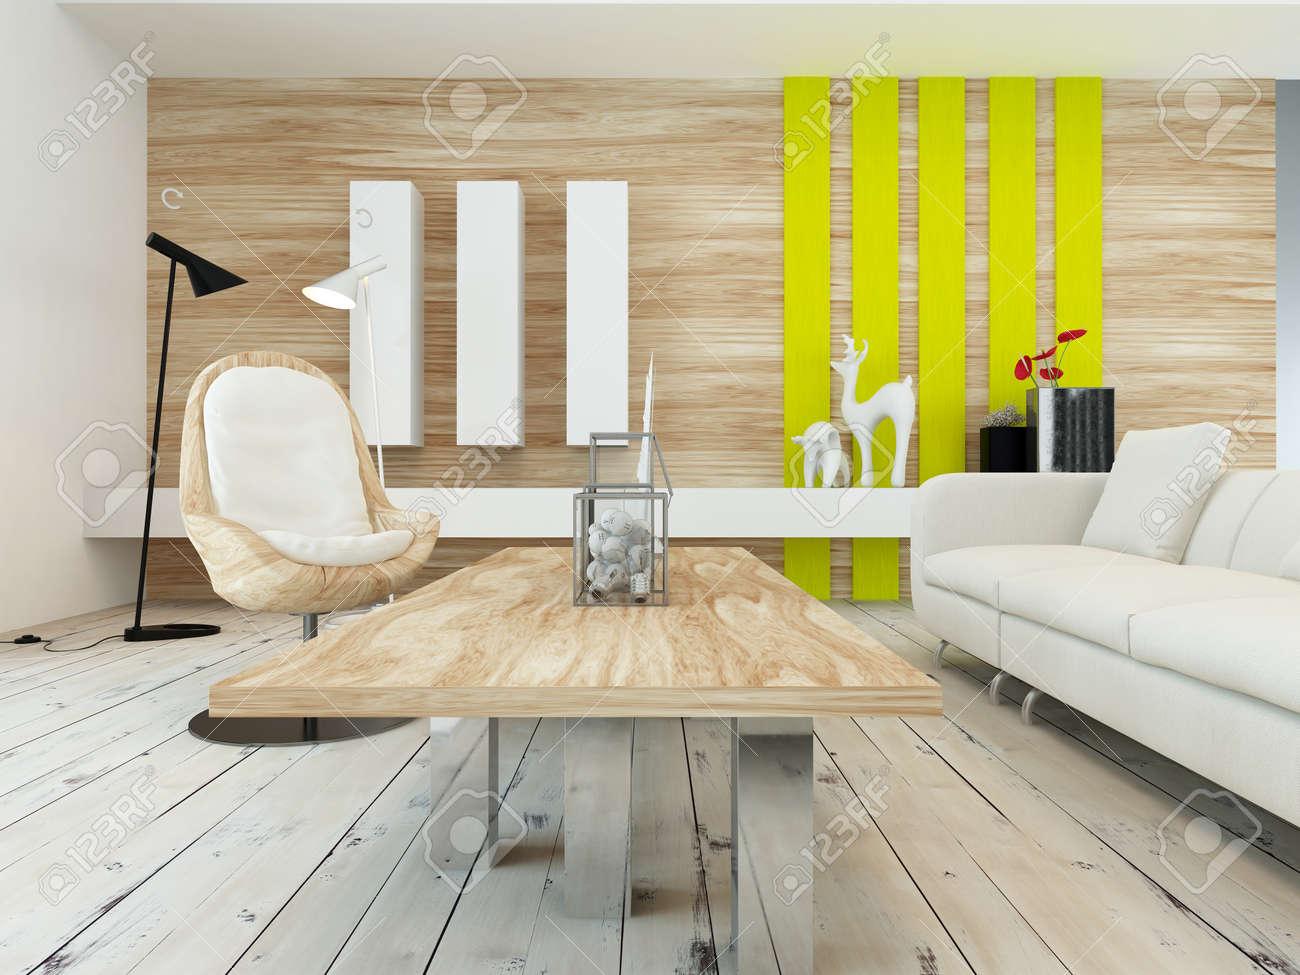 Legno Bianco Sbiancato : Parquet pavimenti in legno bianco sbiancato in livorno